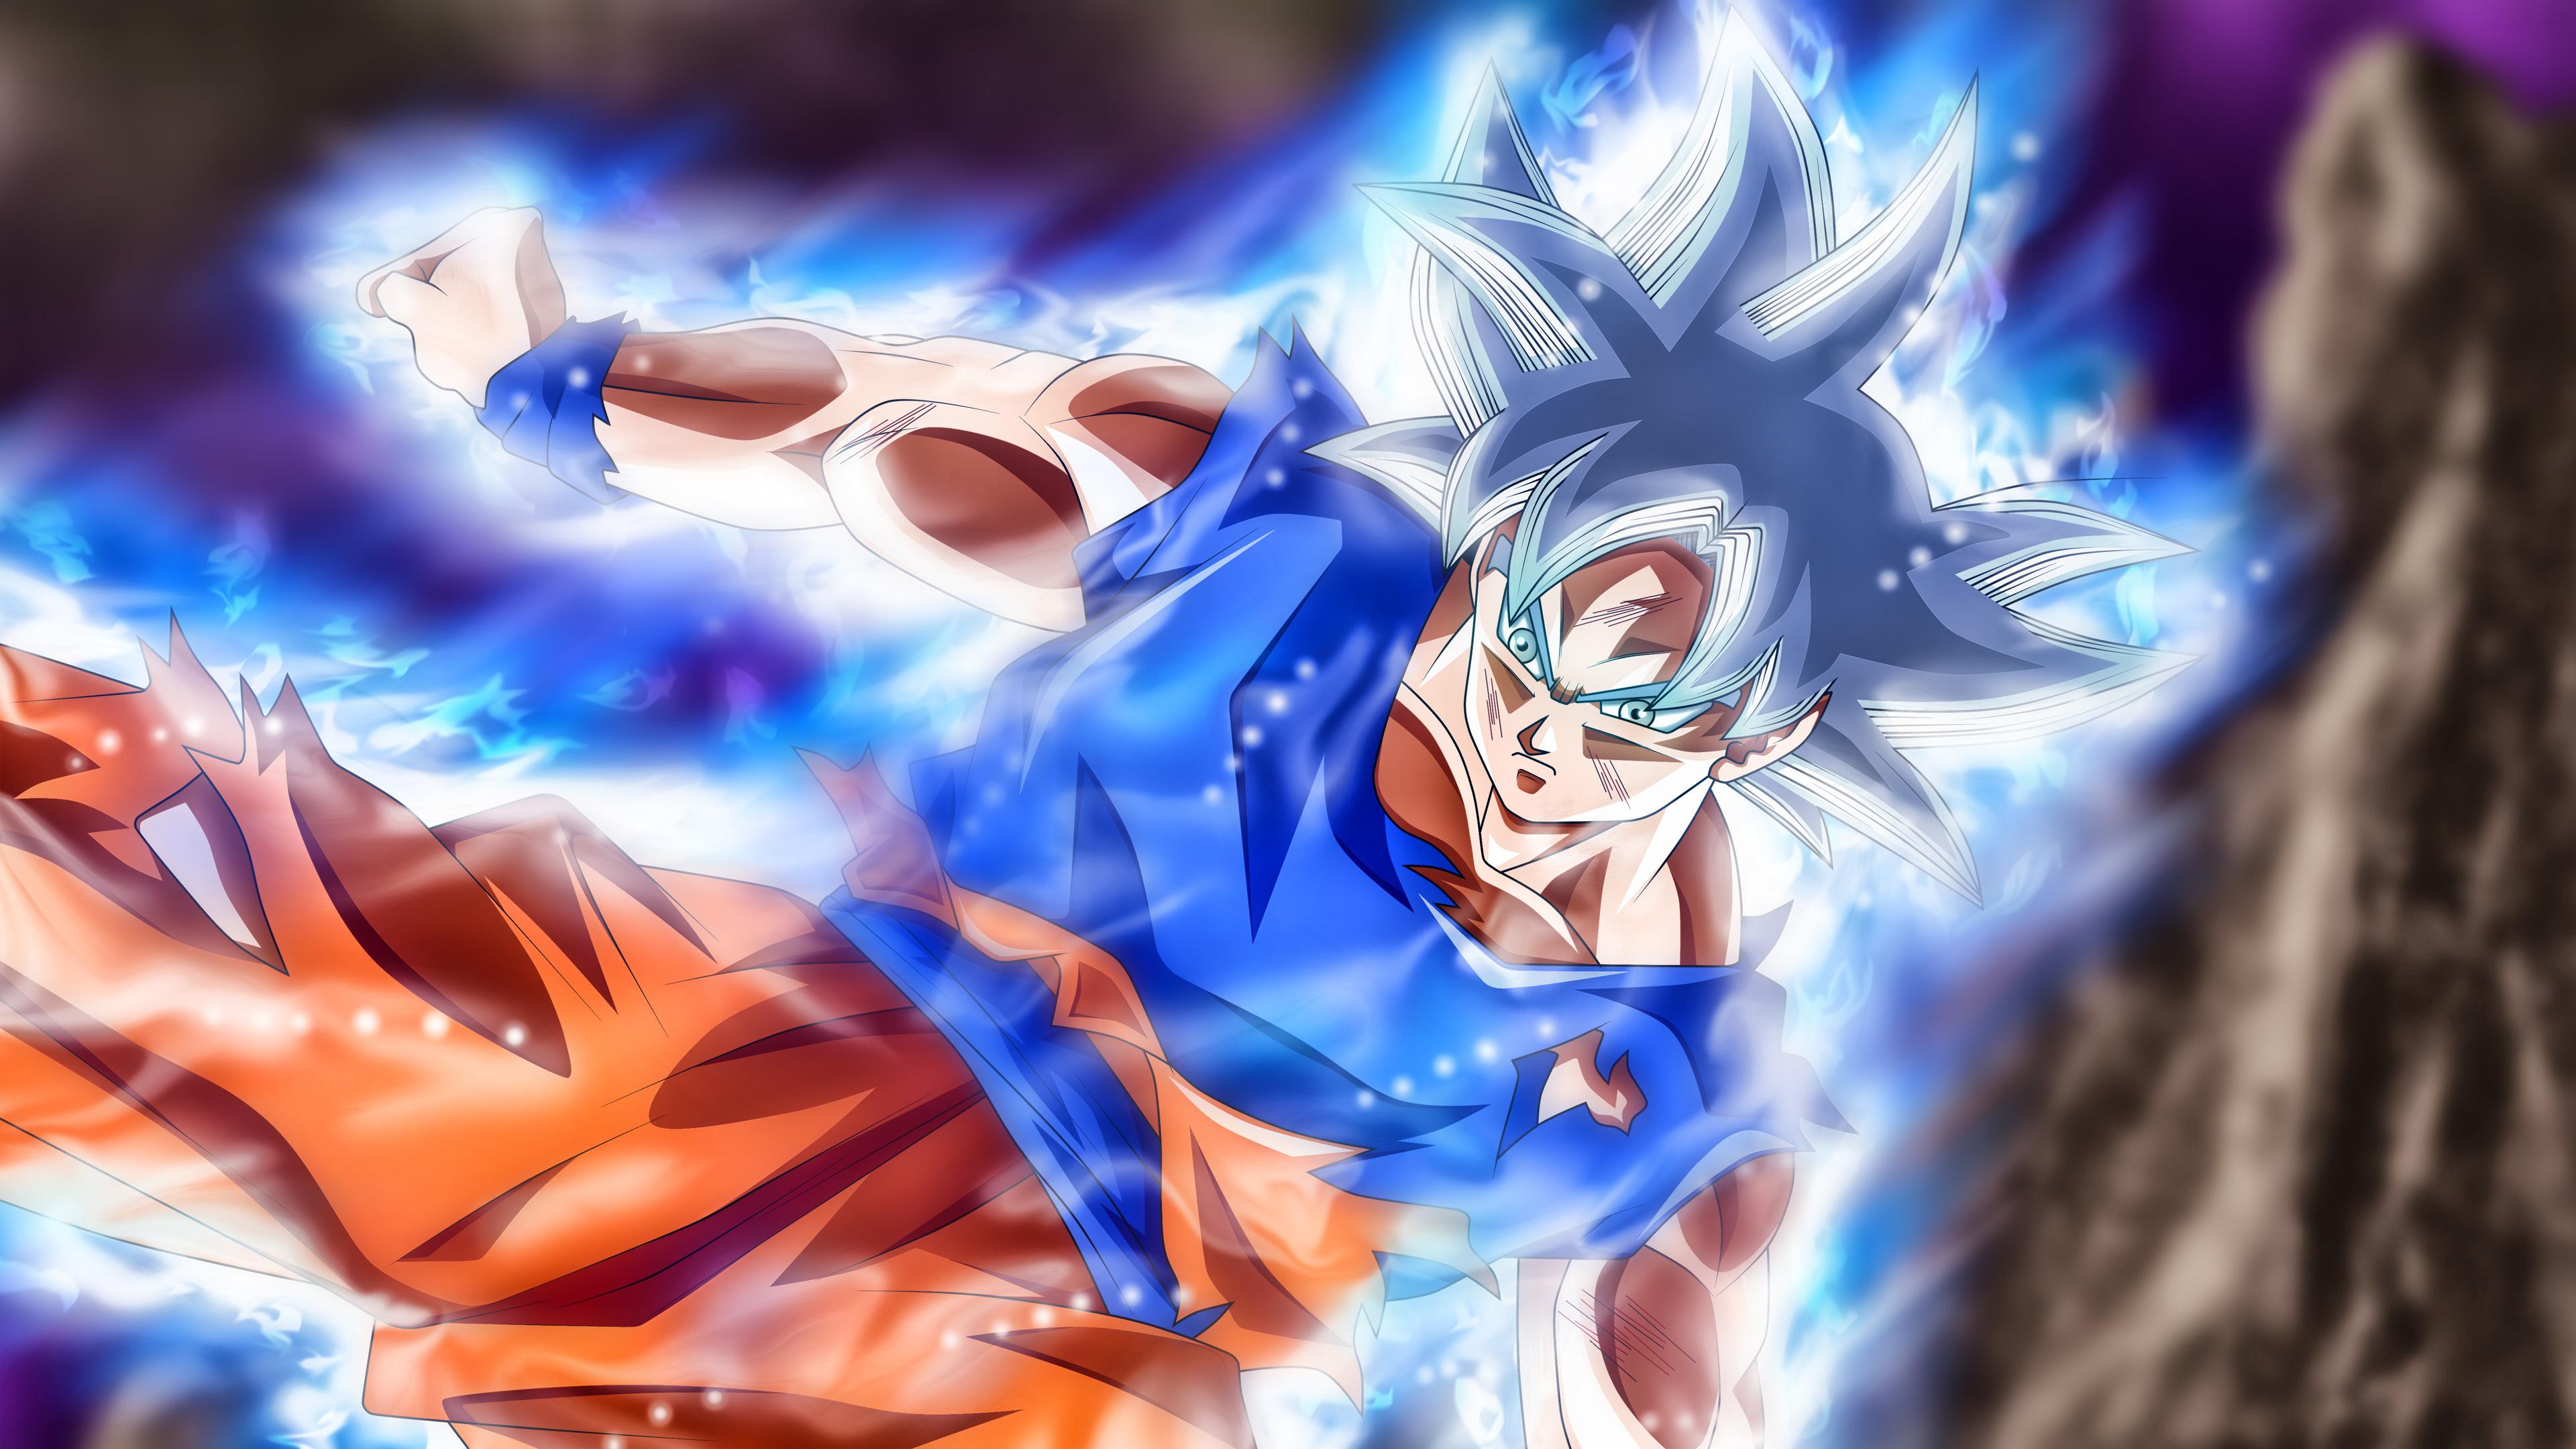 goku jiren masterd ultra instinct 1541974233 - Goku Jiren Masterd Ultra Instinct - hd-wallpapers, goku wallpapers, dragon ball wallpapers, dragon ball super wallpapers, artist wallpapers, anime wallpapers, 4k-wallpapers